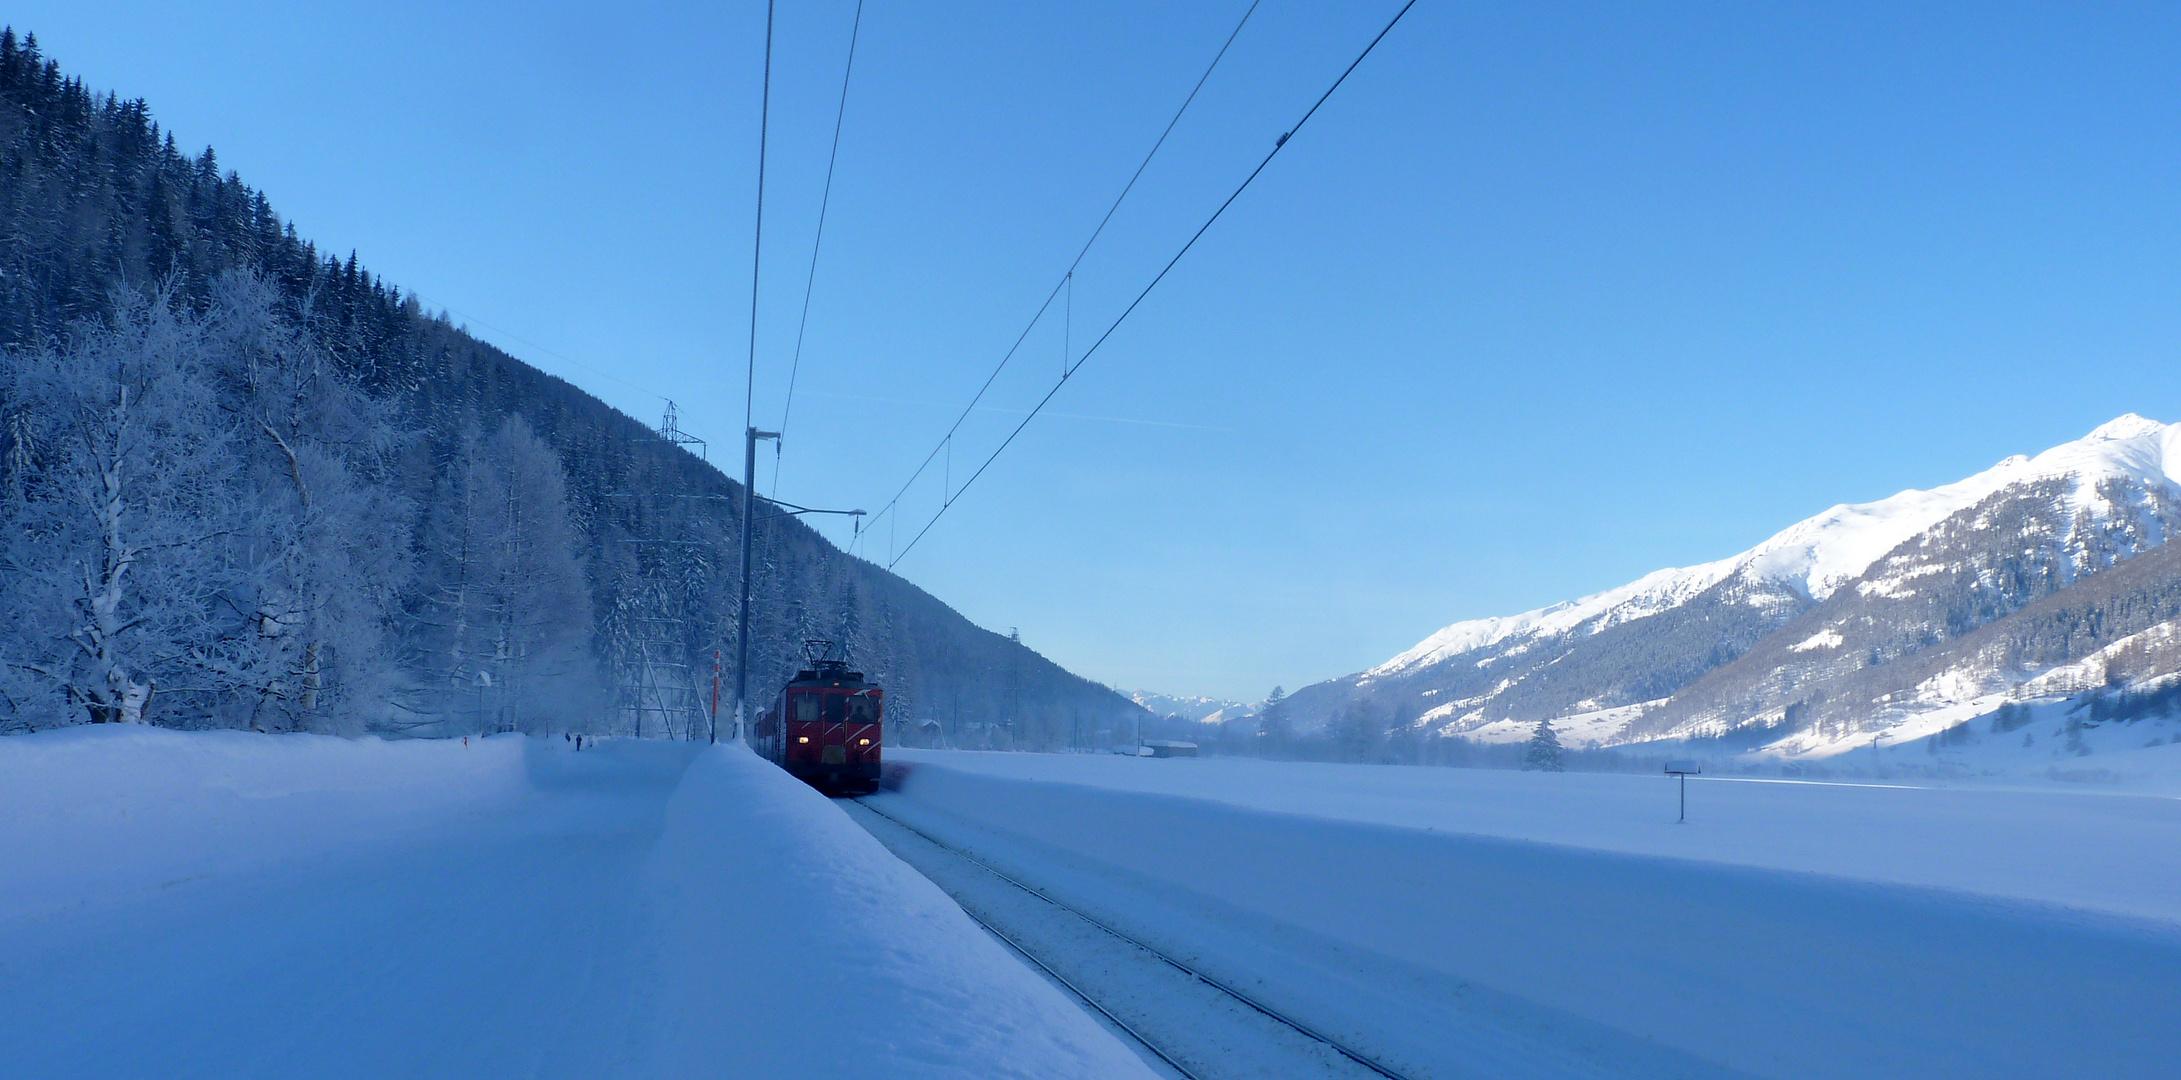 Winterimpressionen / Impresiones de invierno / Impressions d'hiver..03